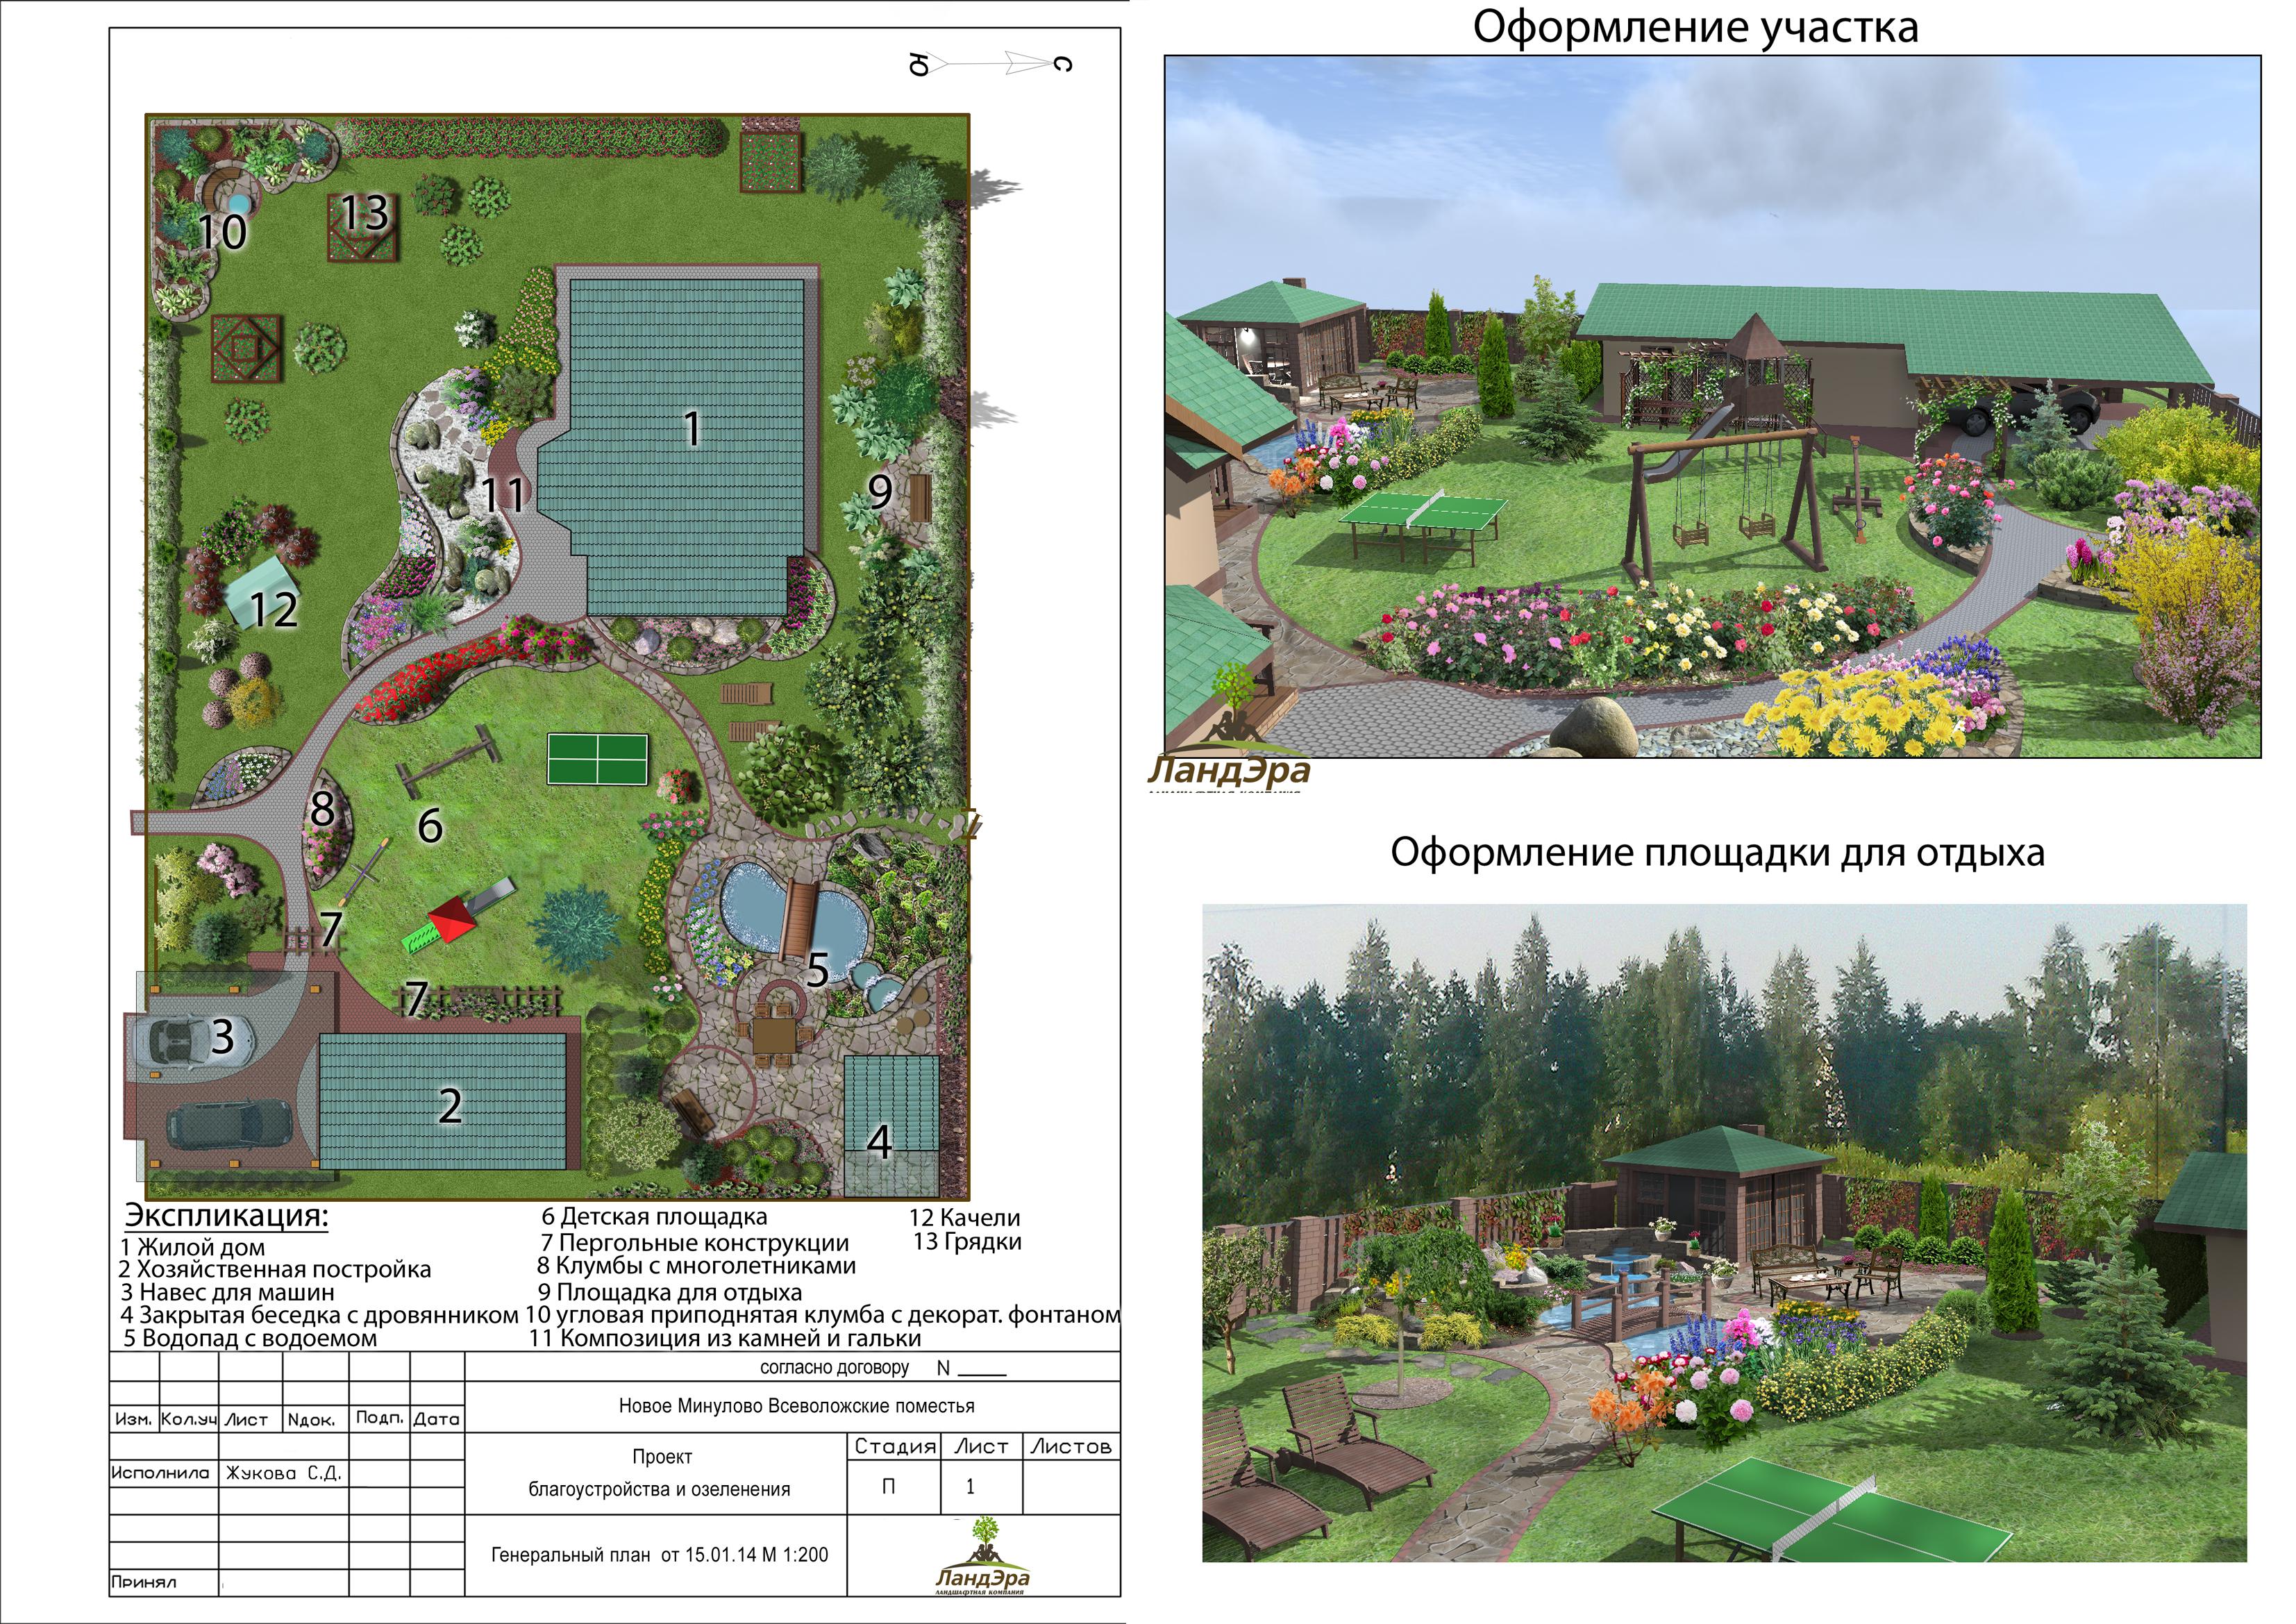 Участок и сад - все о выборе и планировании вашего участка